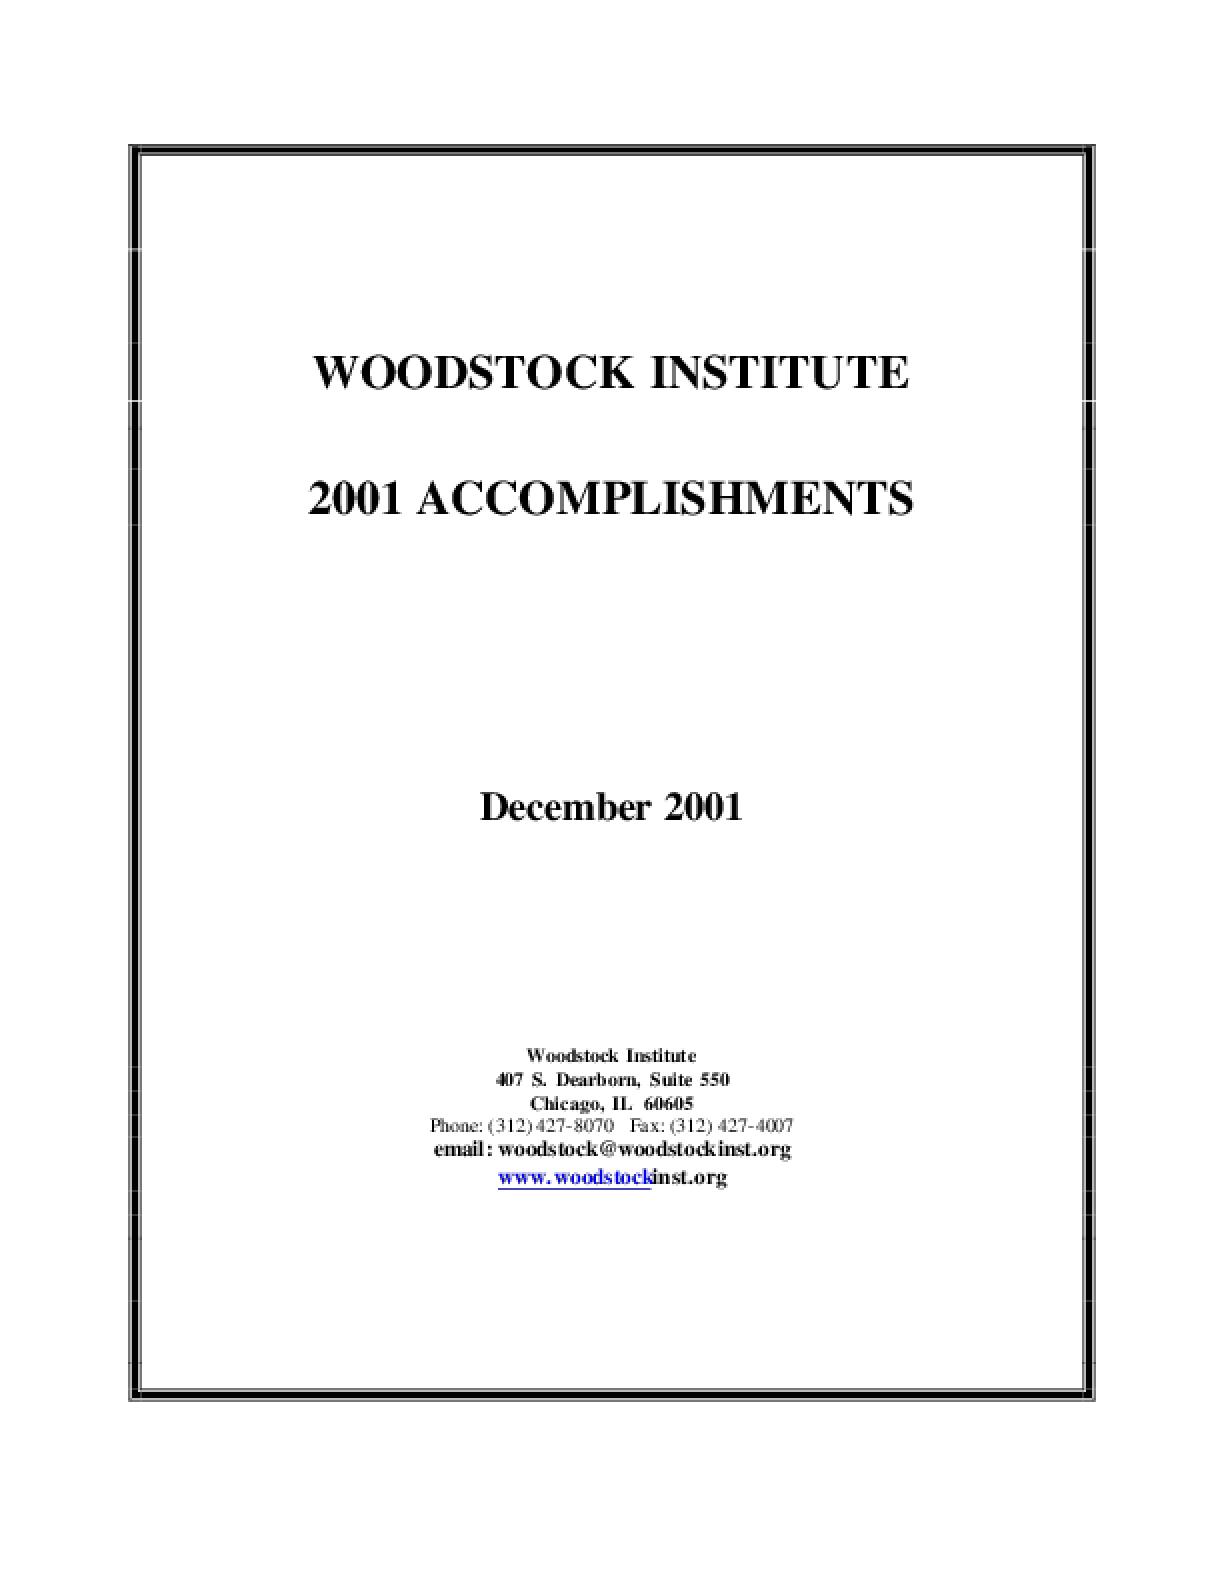 Woodstock Institute 2001 Annual Report